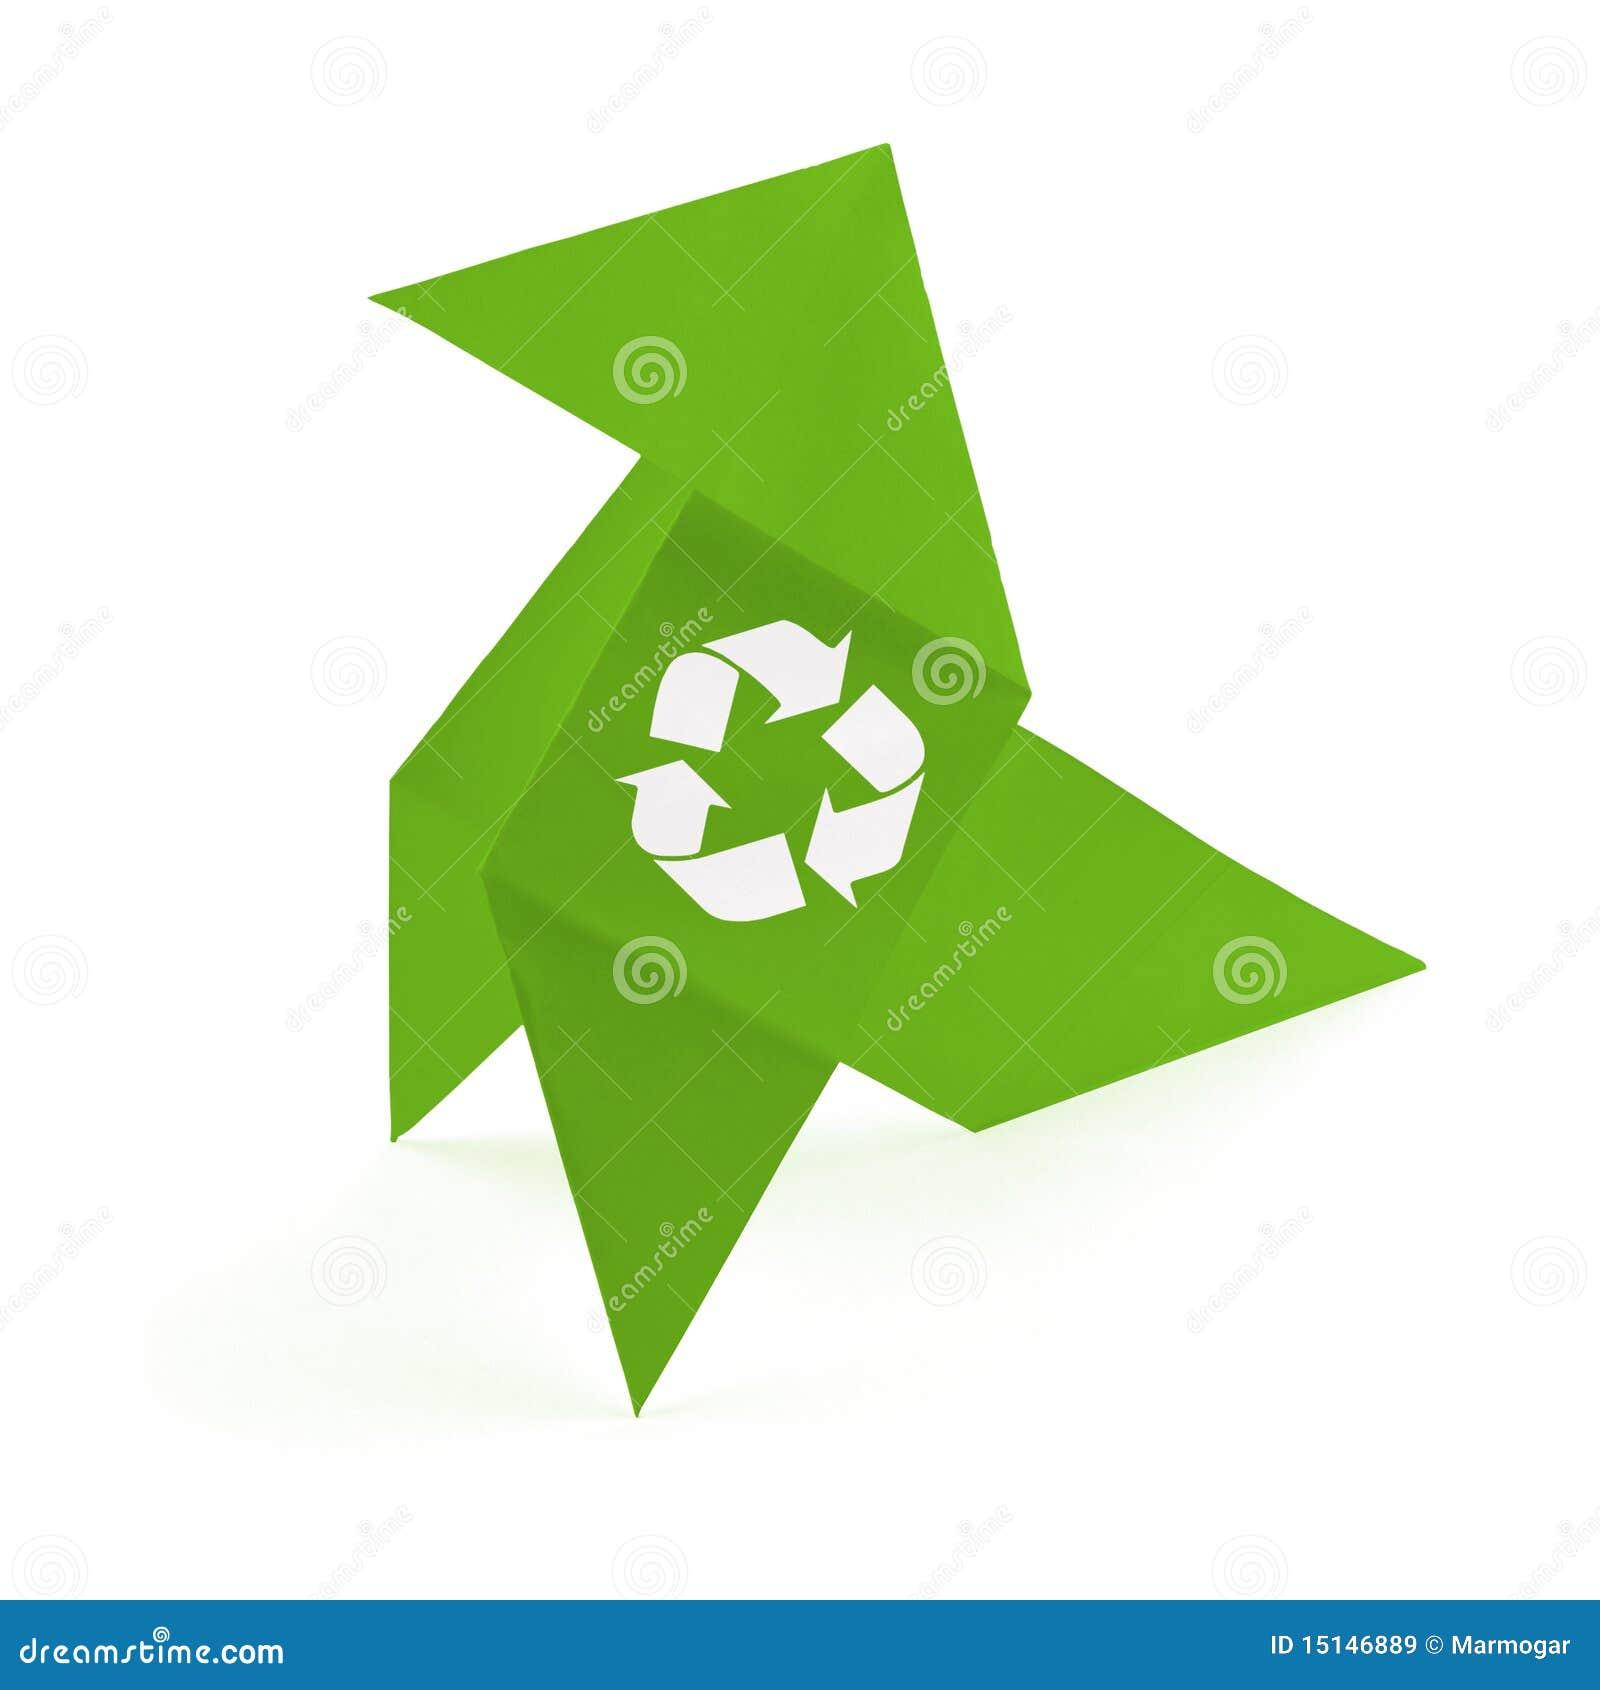 del origami con un símbolo de reciclaje. Aislado en el fondo blanco